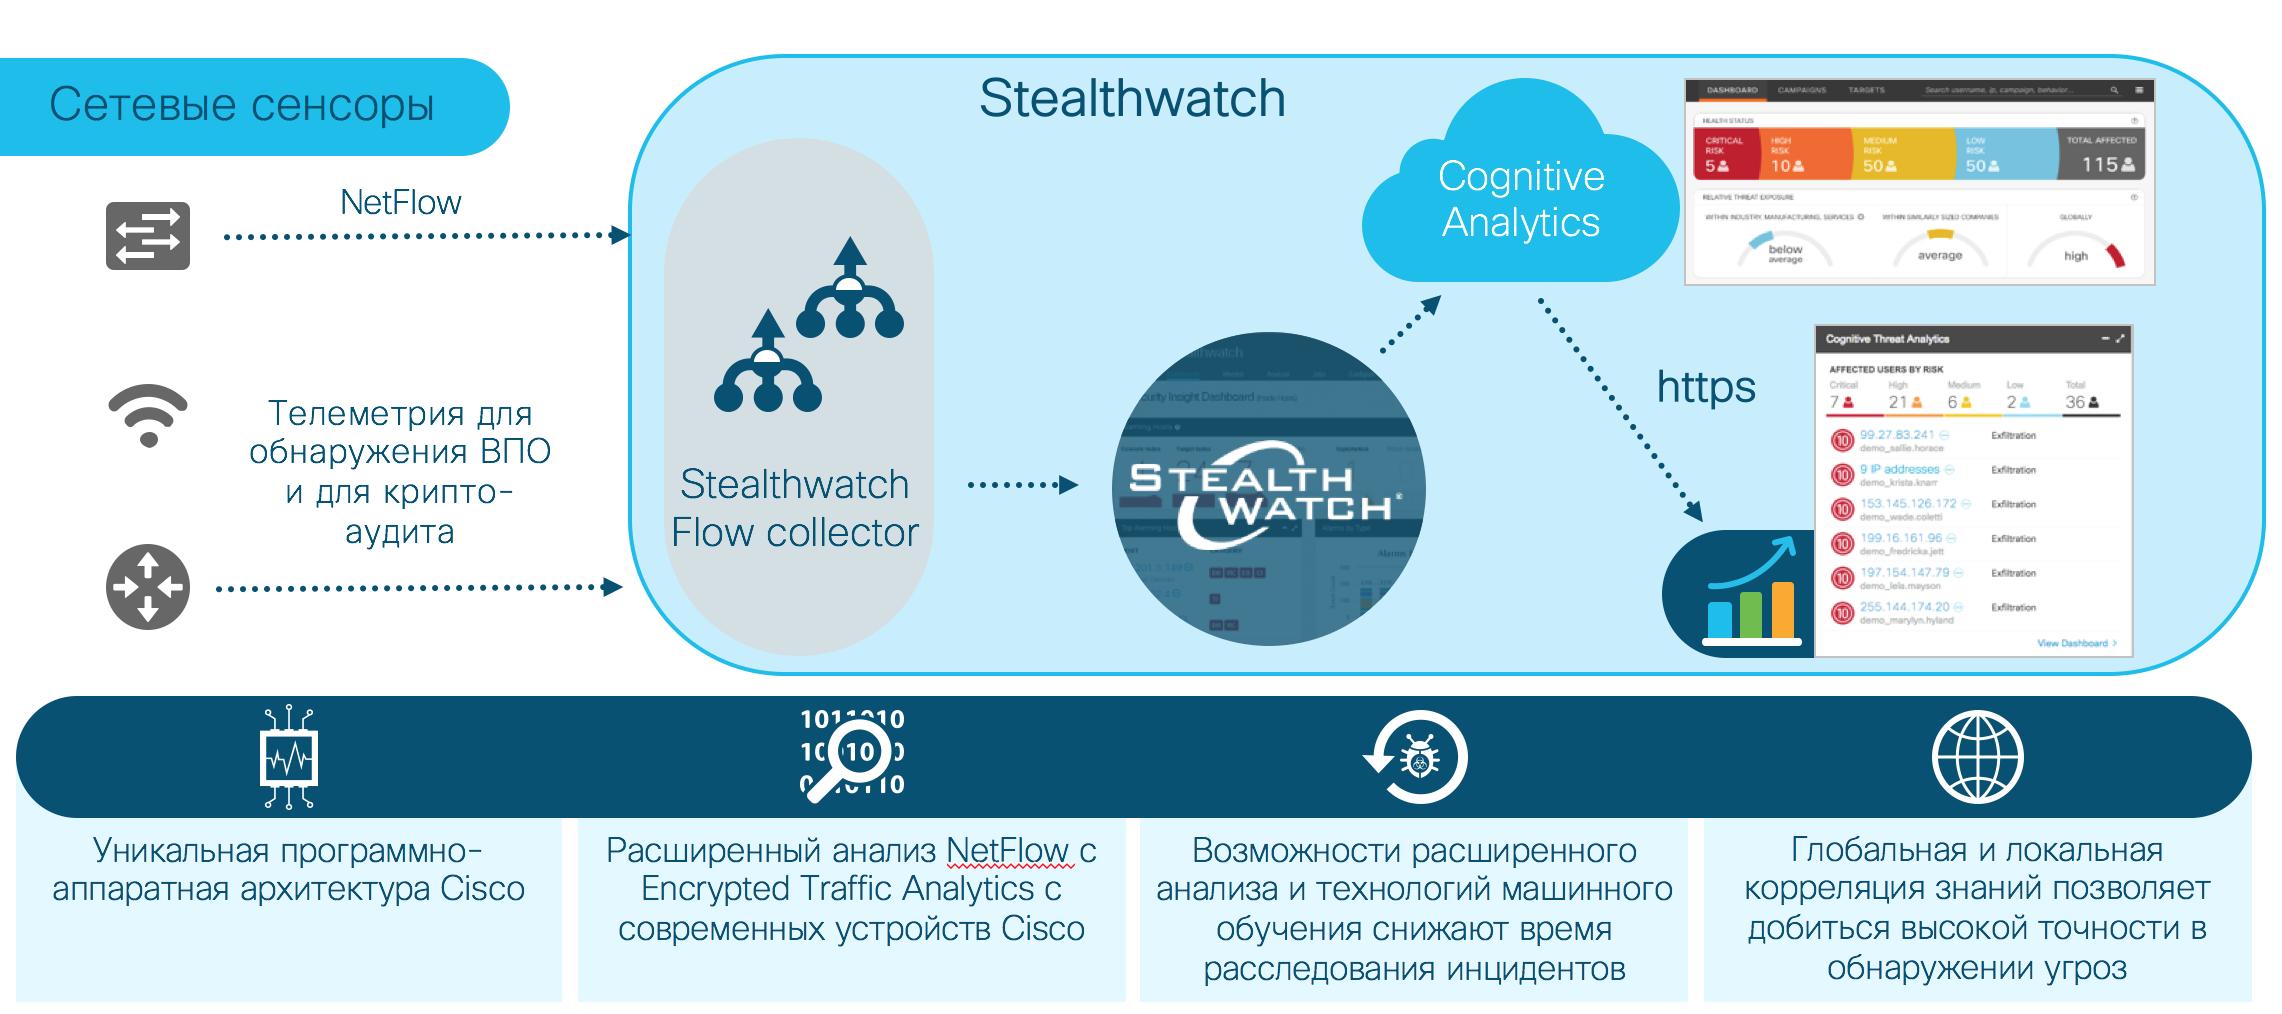 Обнаружение известного вредоносного кода в зашифрованном с помощью TLS трафике (без дешифровки)